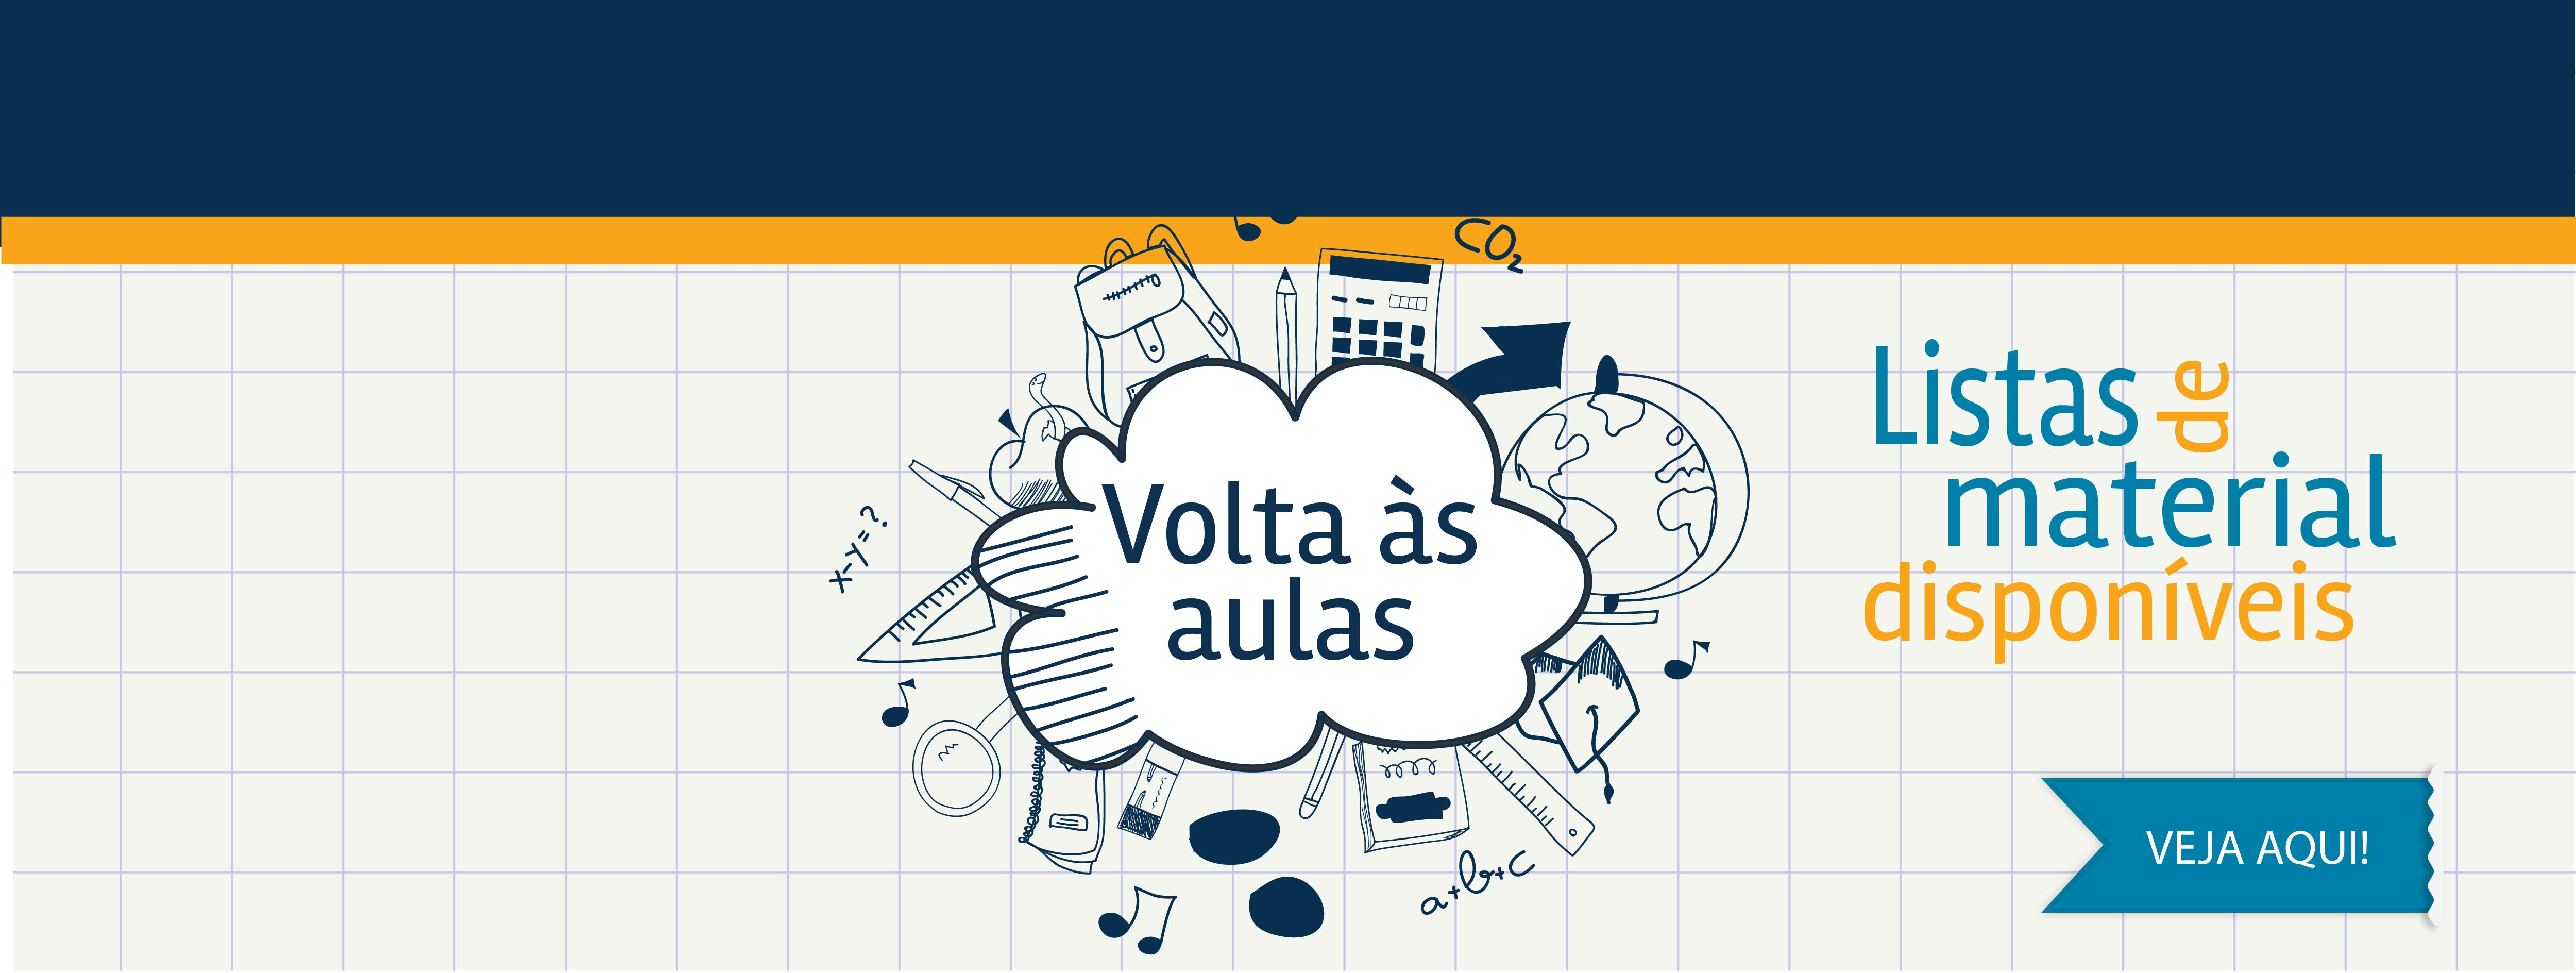 Banner-Volta-as-aulas_Lista-de-material-20161